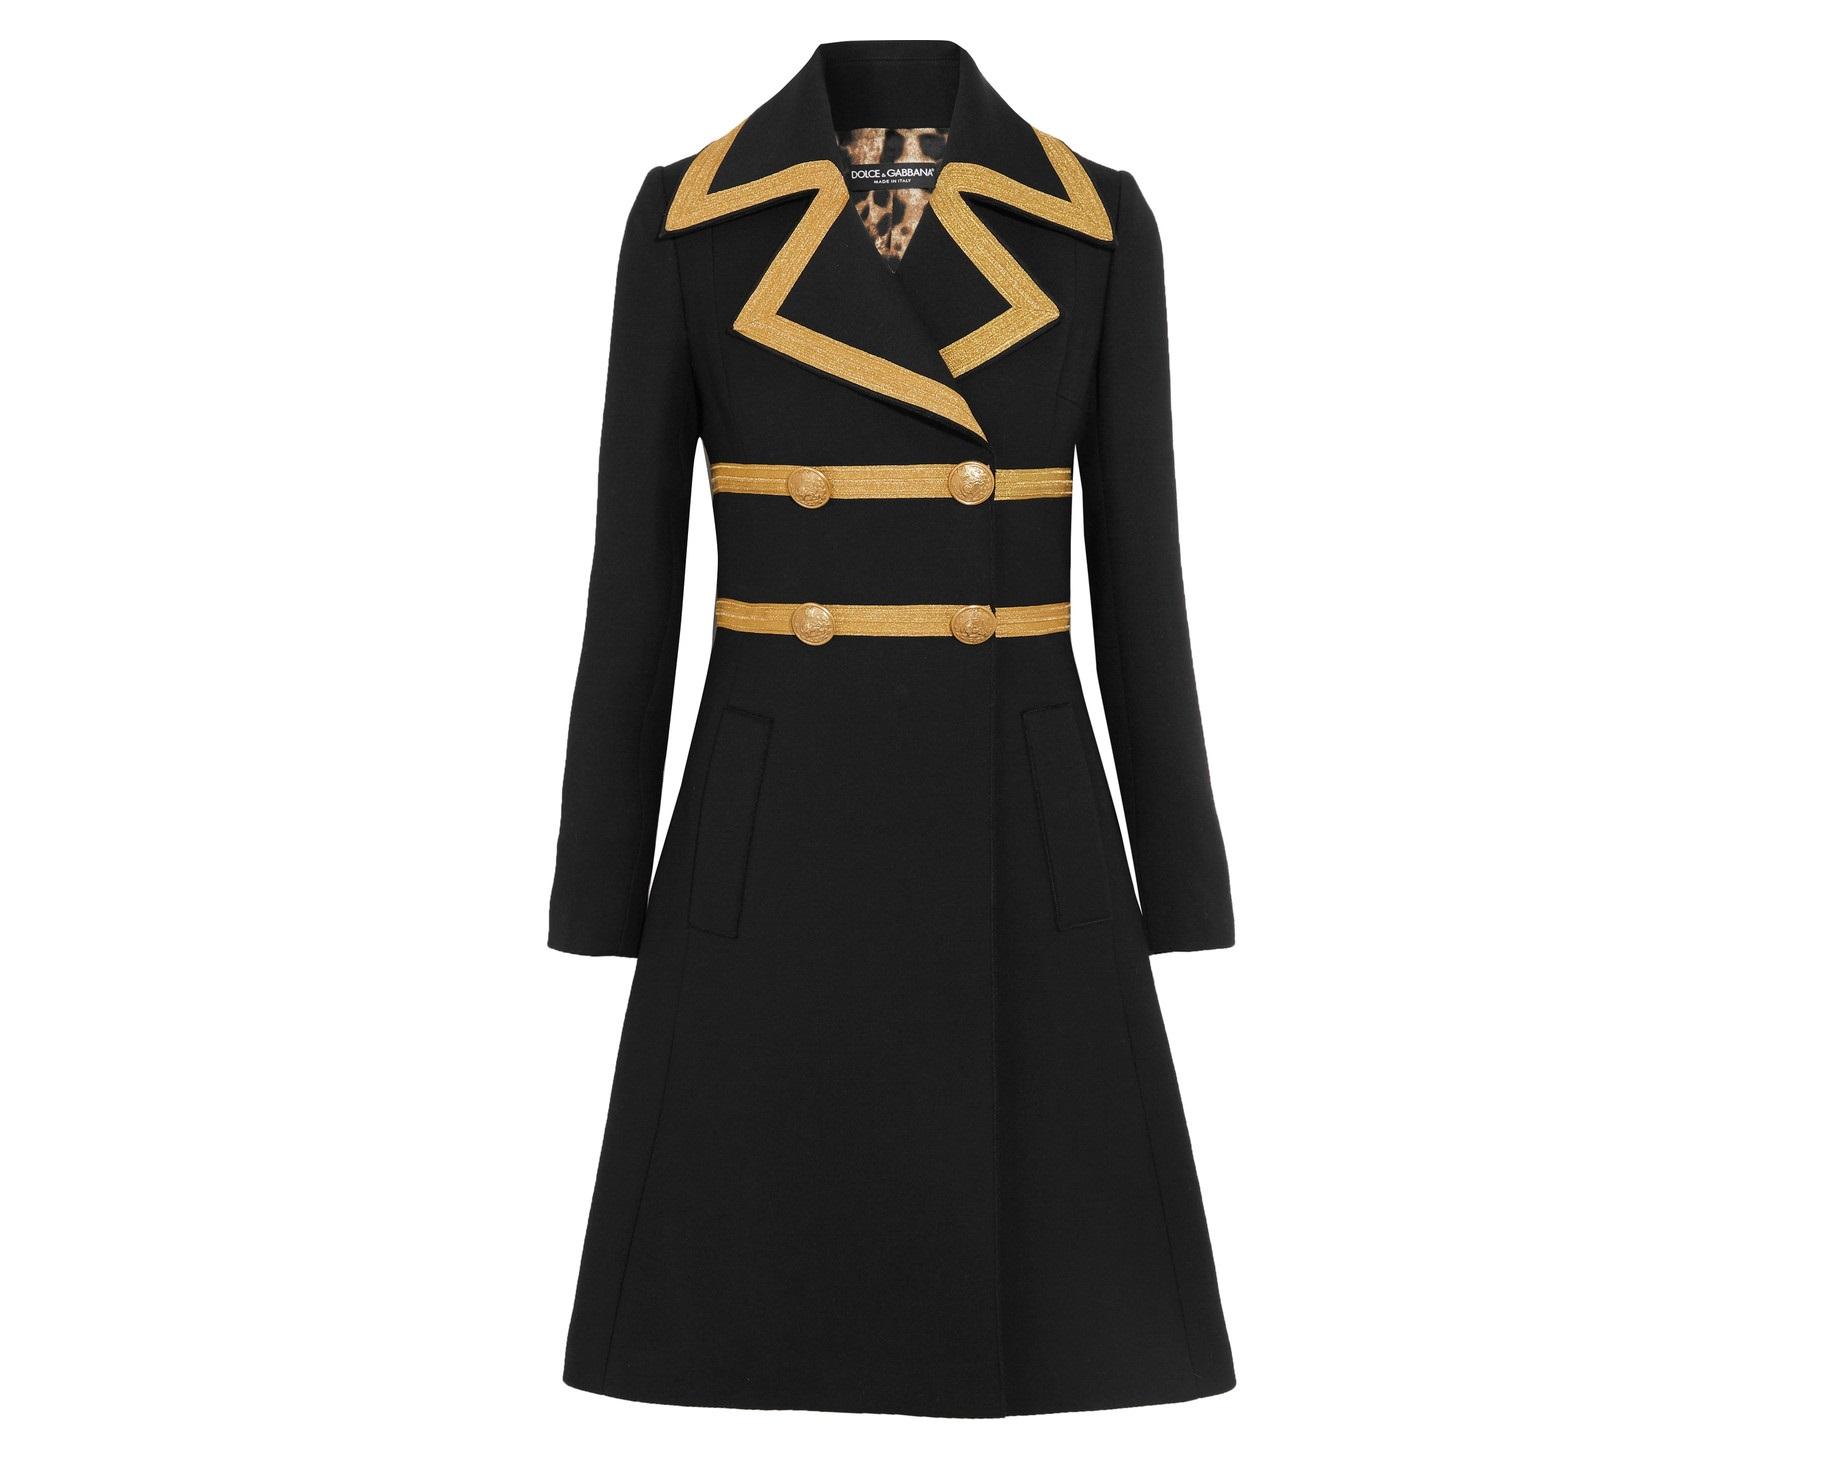 Cappotto elegante Dolce & Gabbana capodanno look